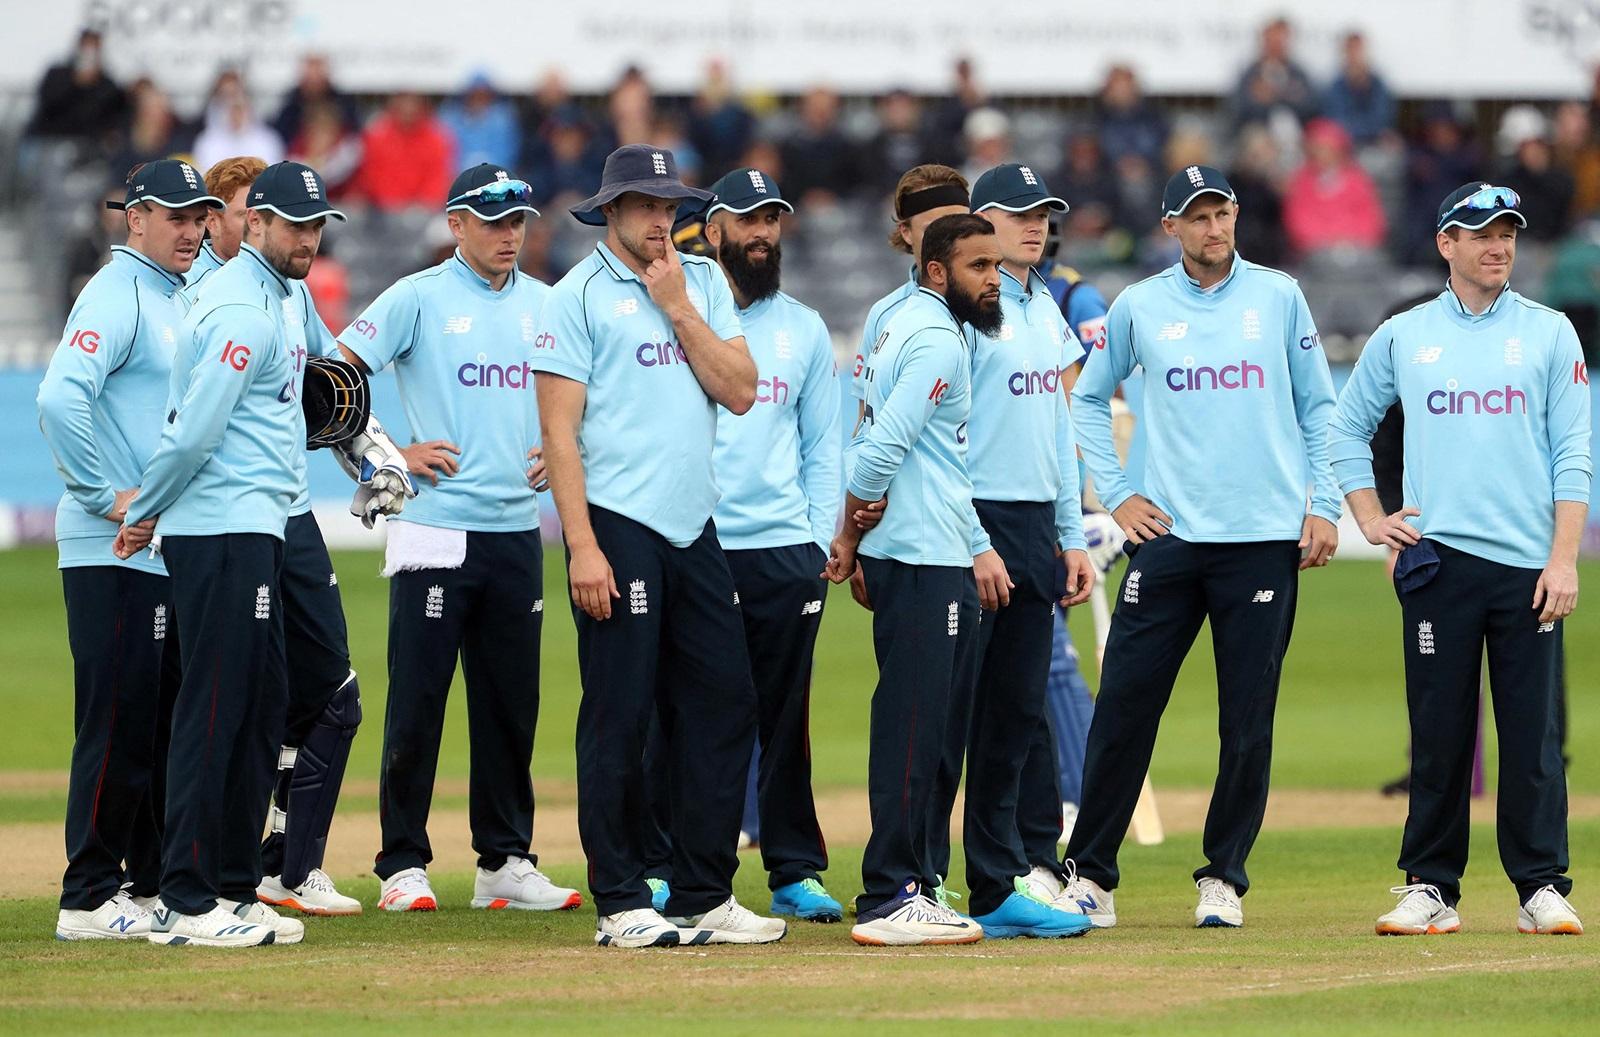 इंग्ल्याण्ड क्रिकेट टिमका ७ जनामा काेराेना, पुरै टिम आइसोलेसनमा